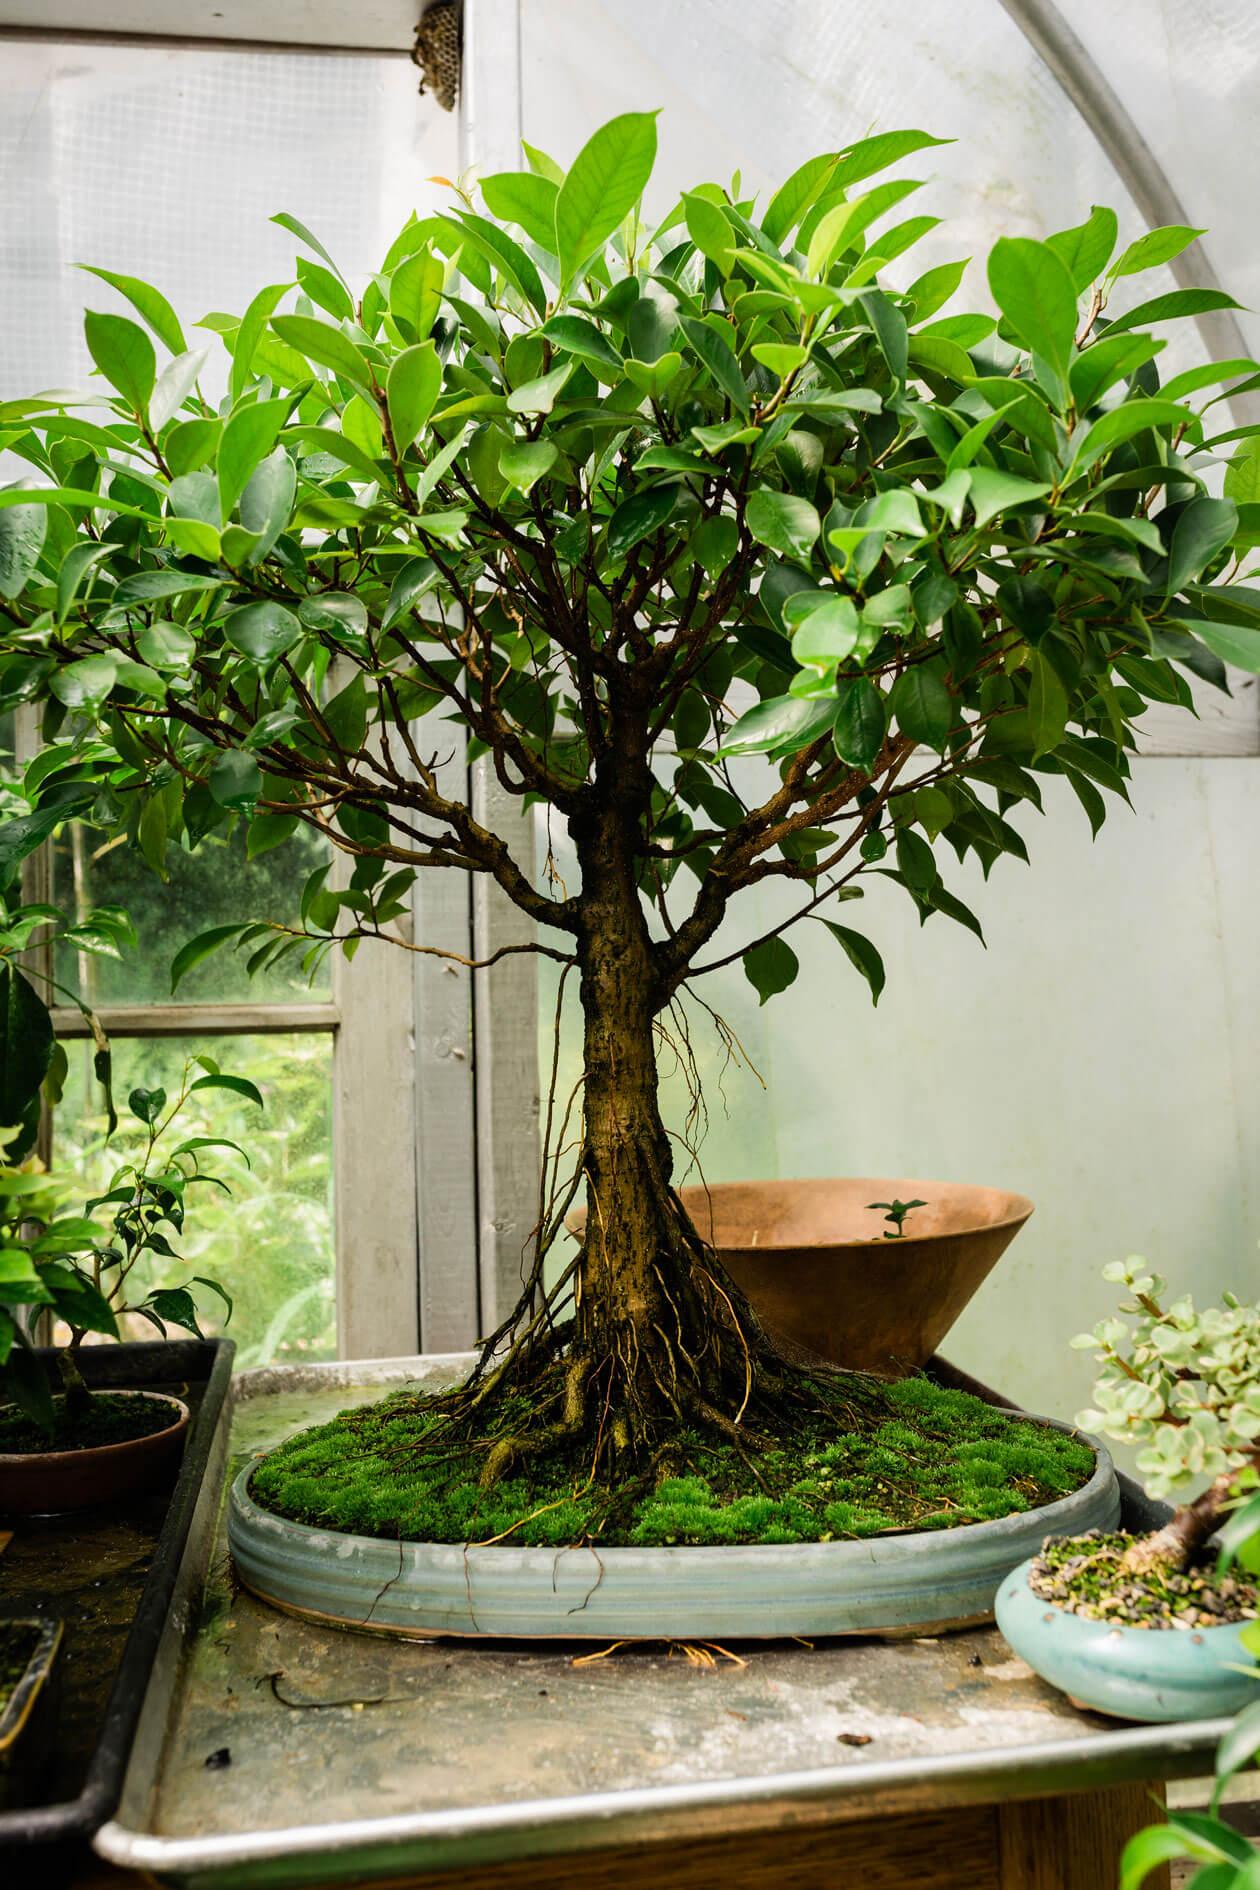 A bonsai